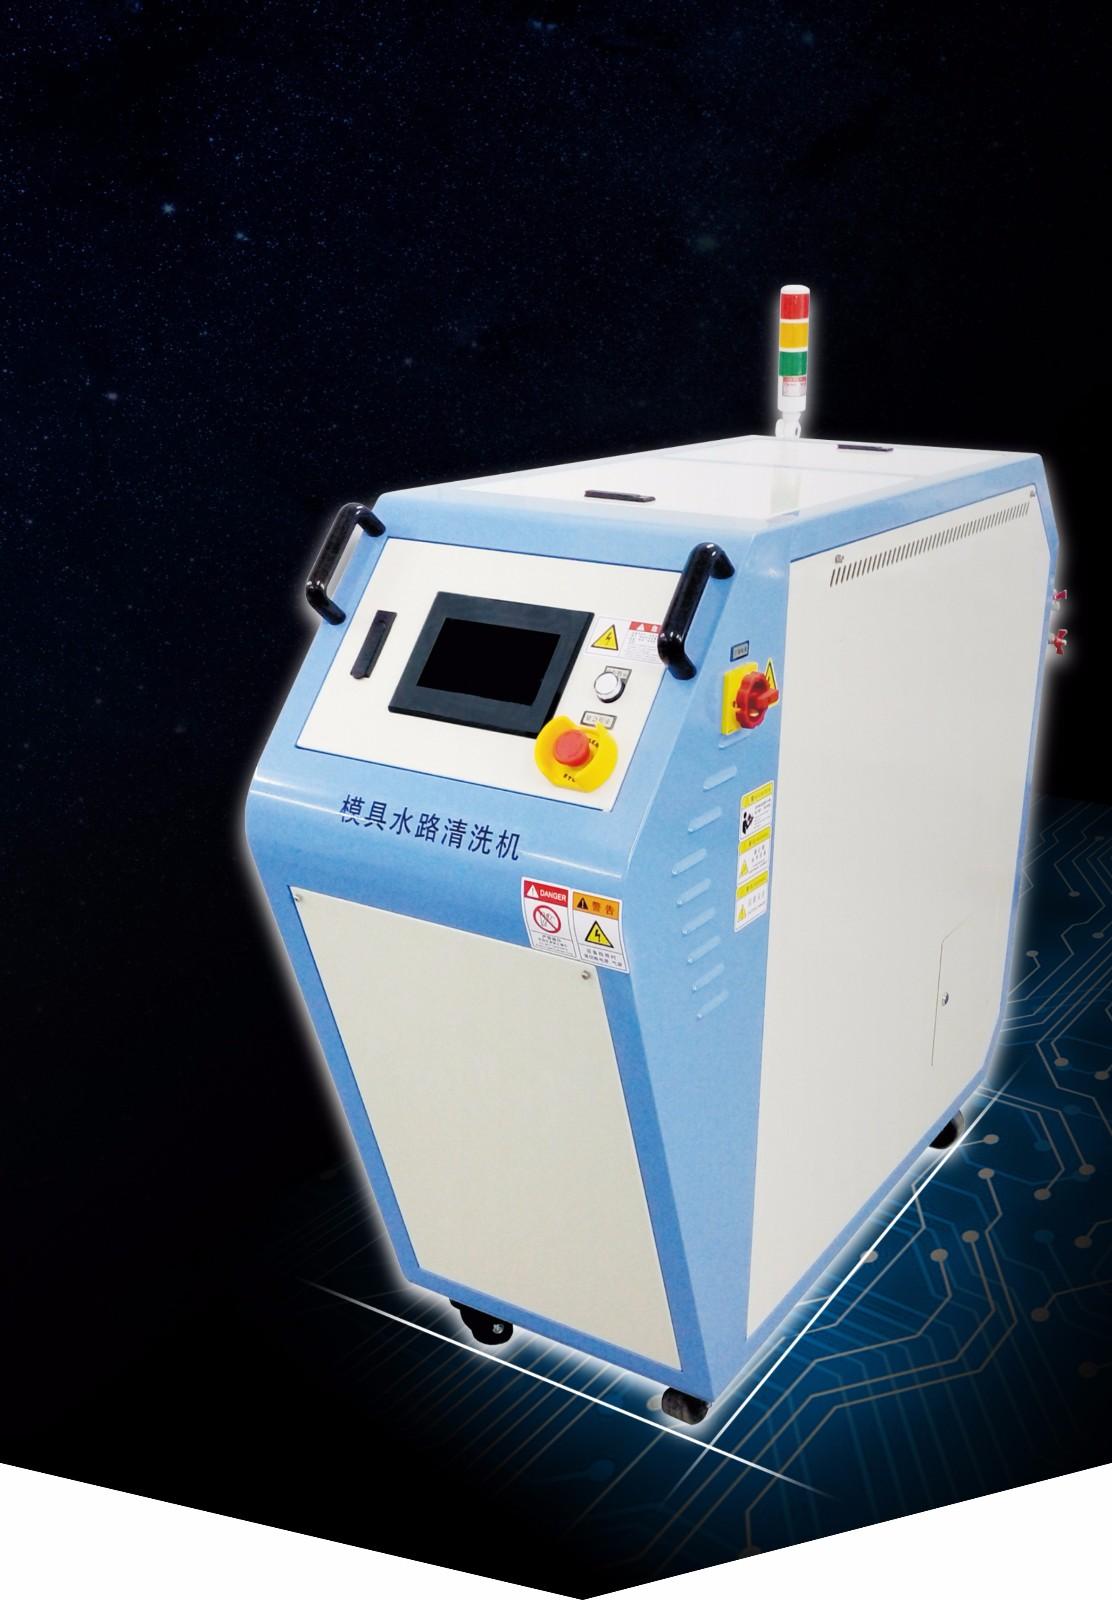 模具旱路洗濯效劳商/车间臭氧发作器/广州逸在智能科技无限公司